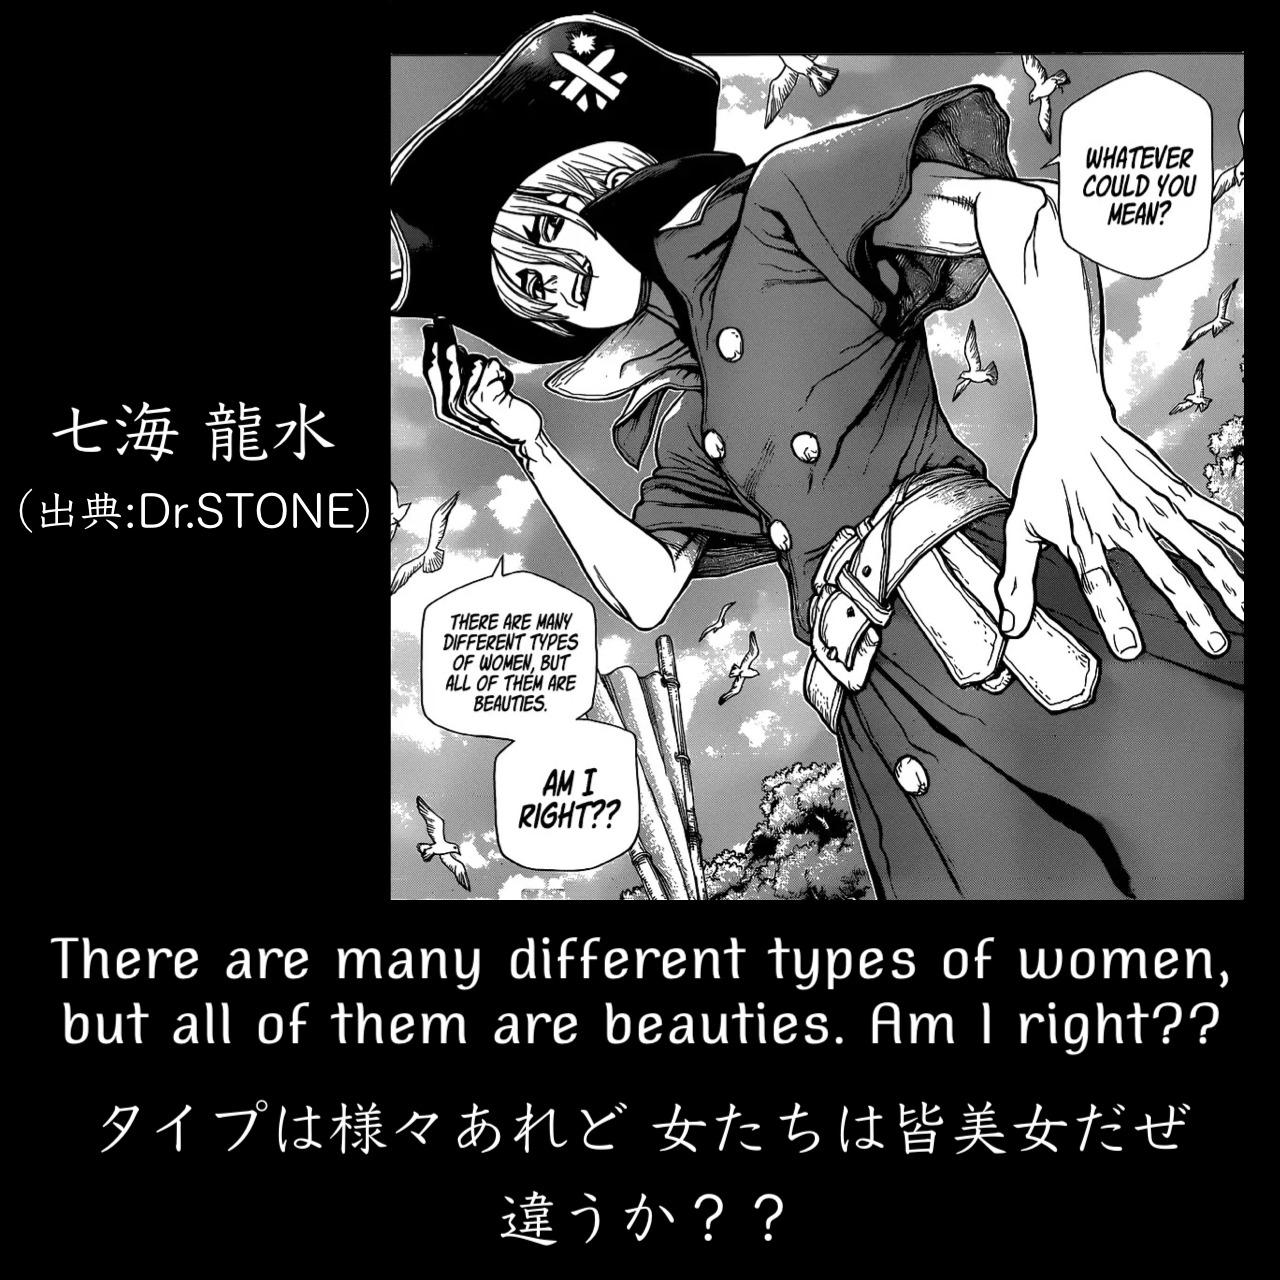 タイプは様々あれど 女たちは皆美女だぜ 違うか?? / 七海龍水(出典:Dr.STONE)